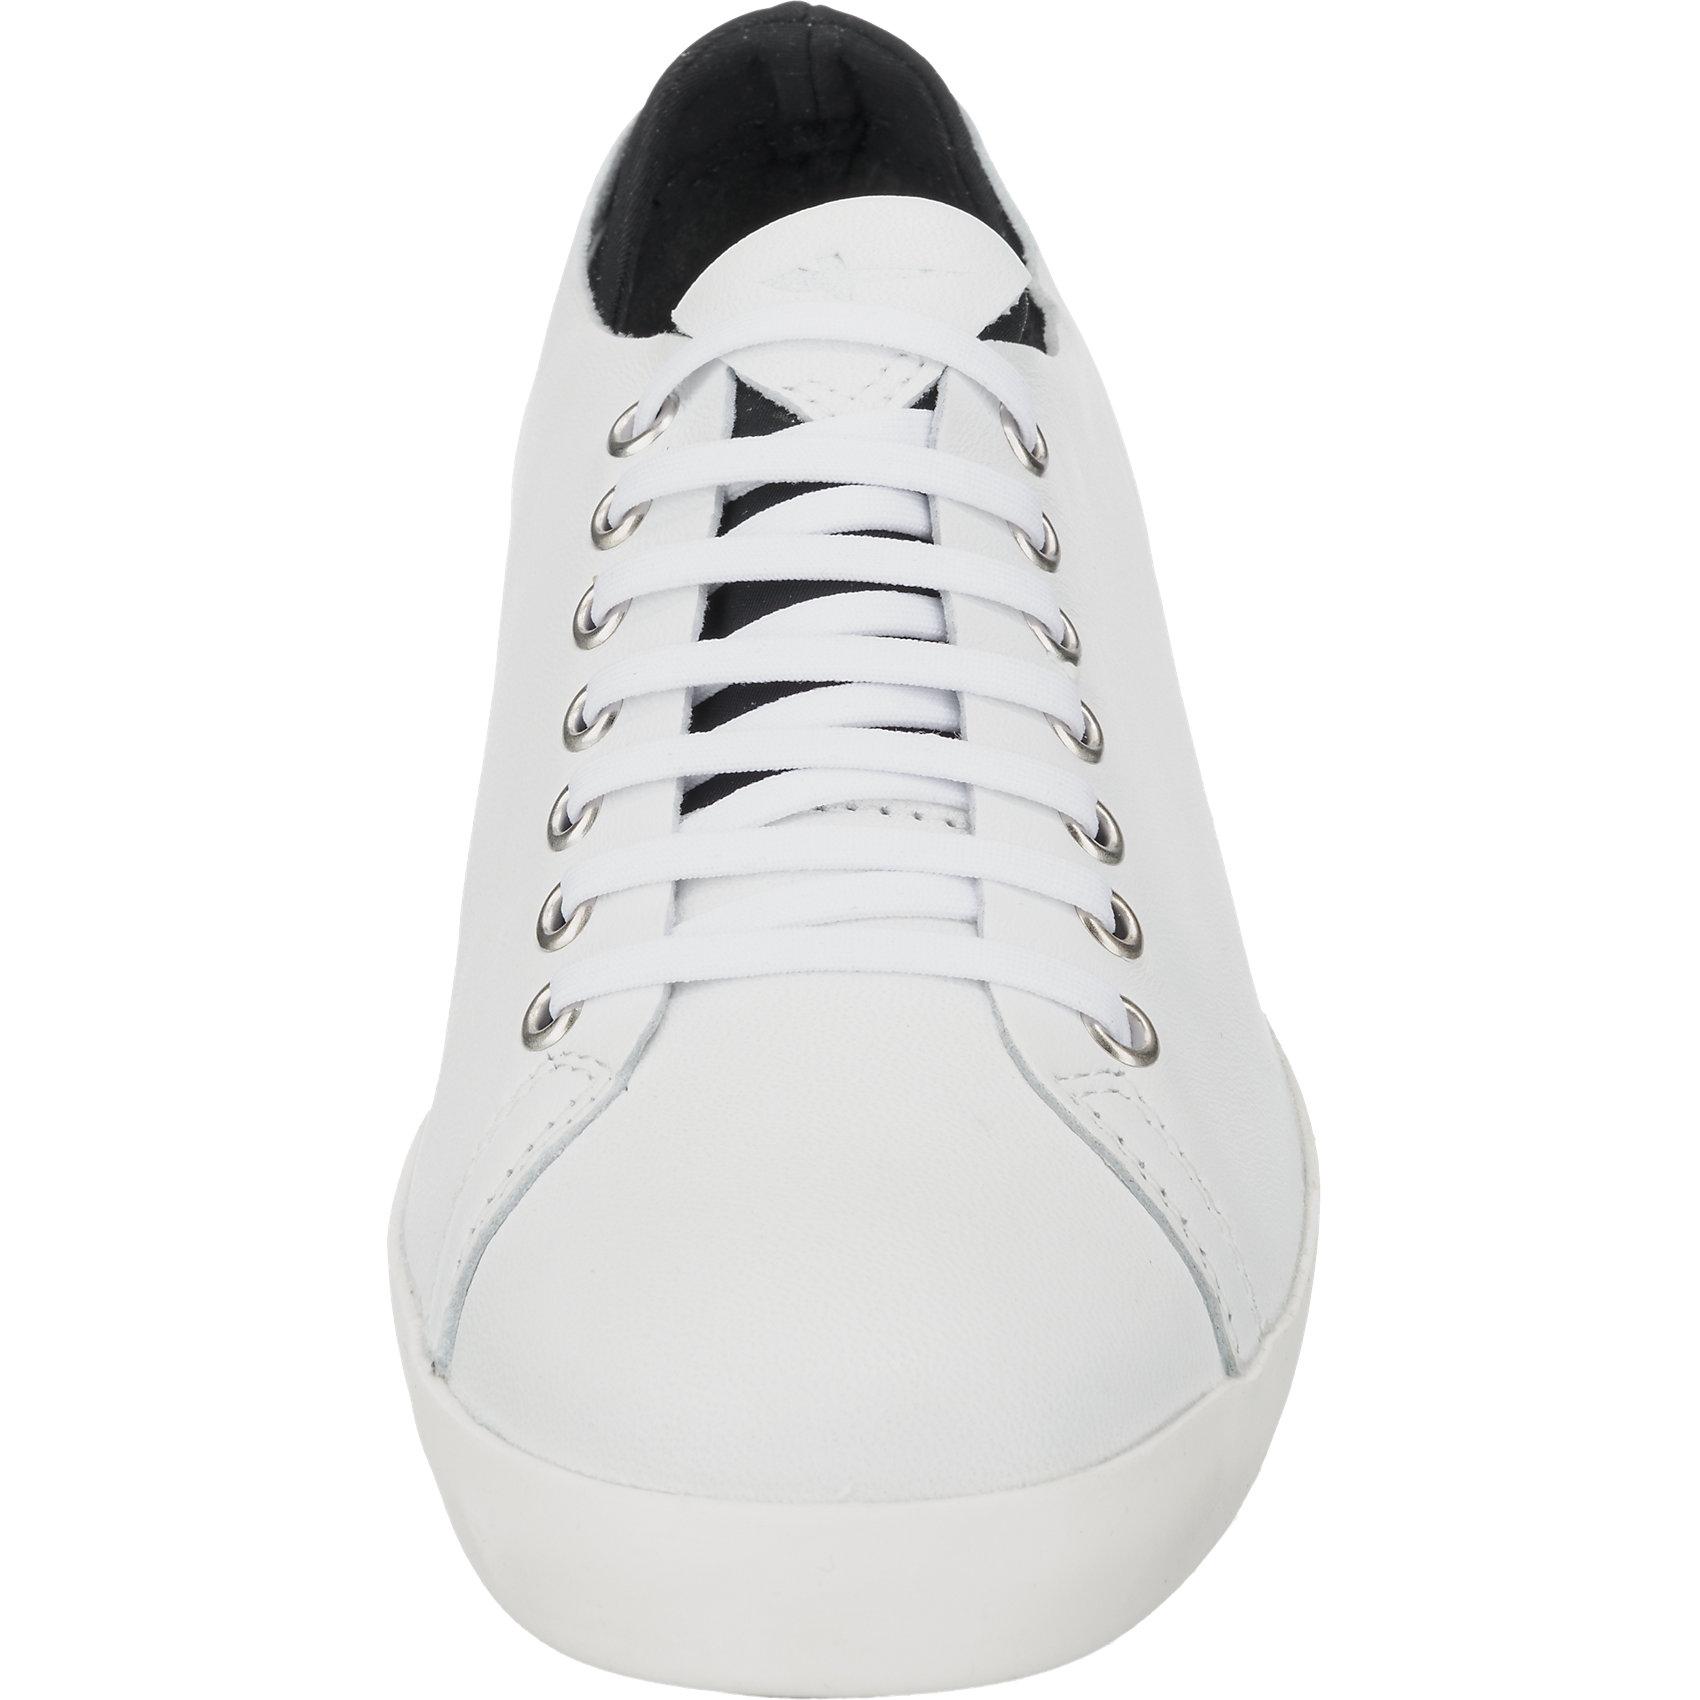 Neu 5774934 Weiß Sneakers Tama Modell Tamaris 1 2 F1JclT3K